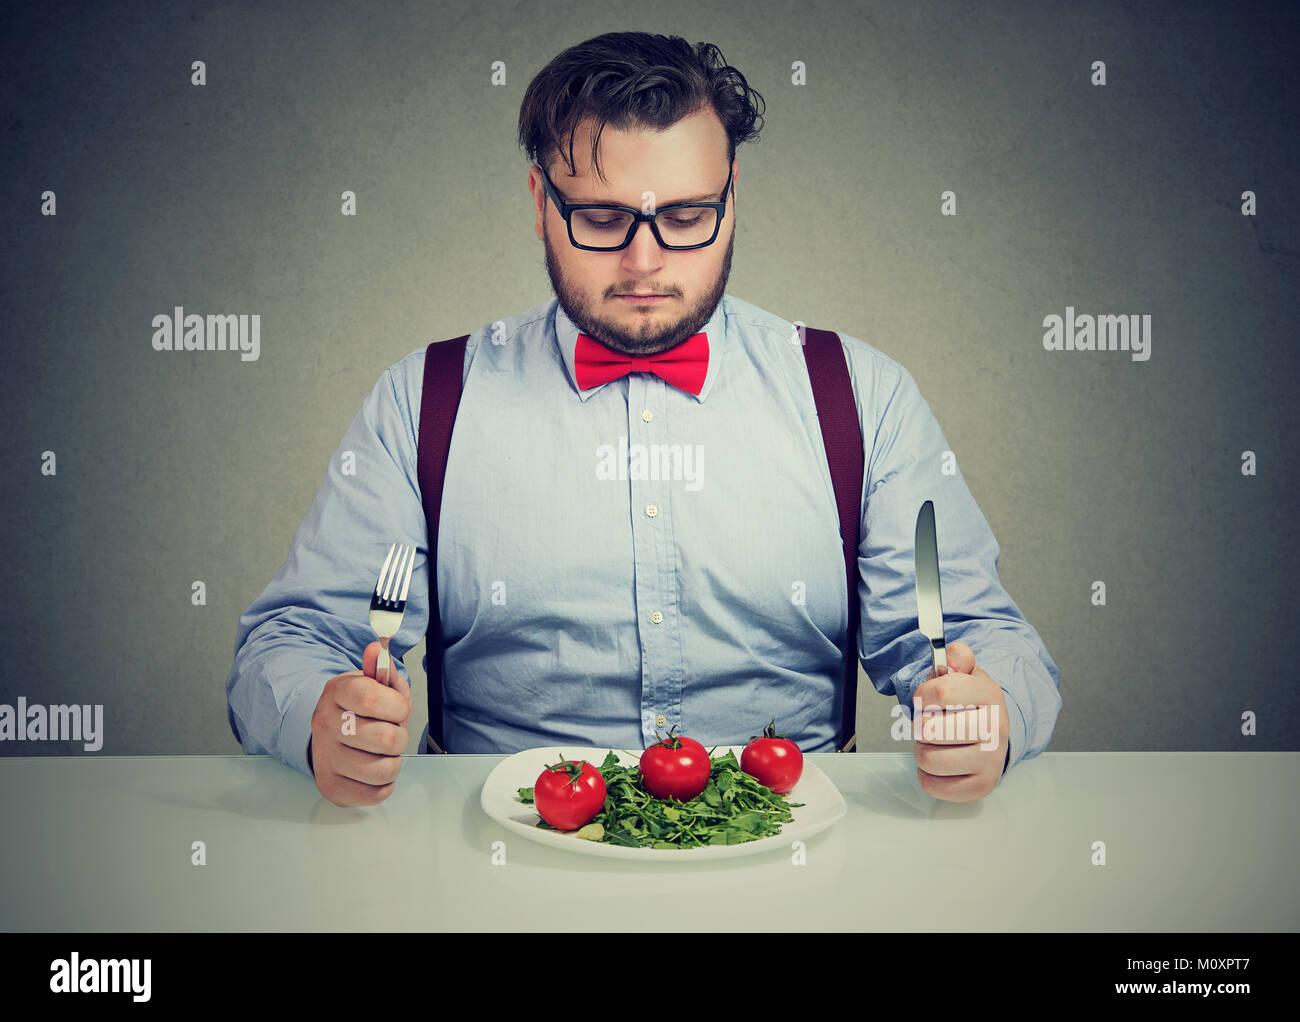 Los jóvenes sobrepeso hombre concentrado en ensalada saludable tratando de bajar de peso. Imagen De Stock